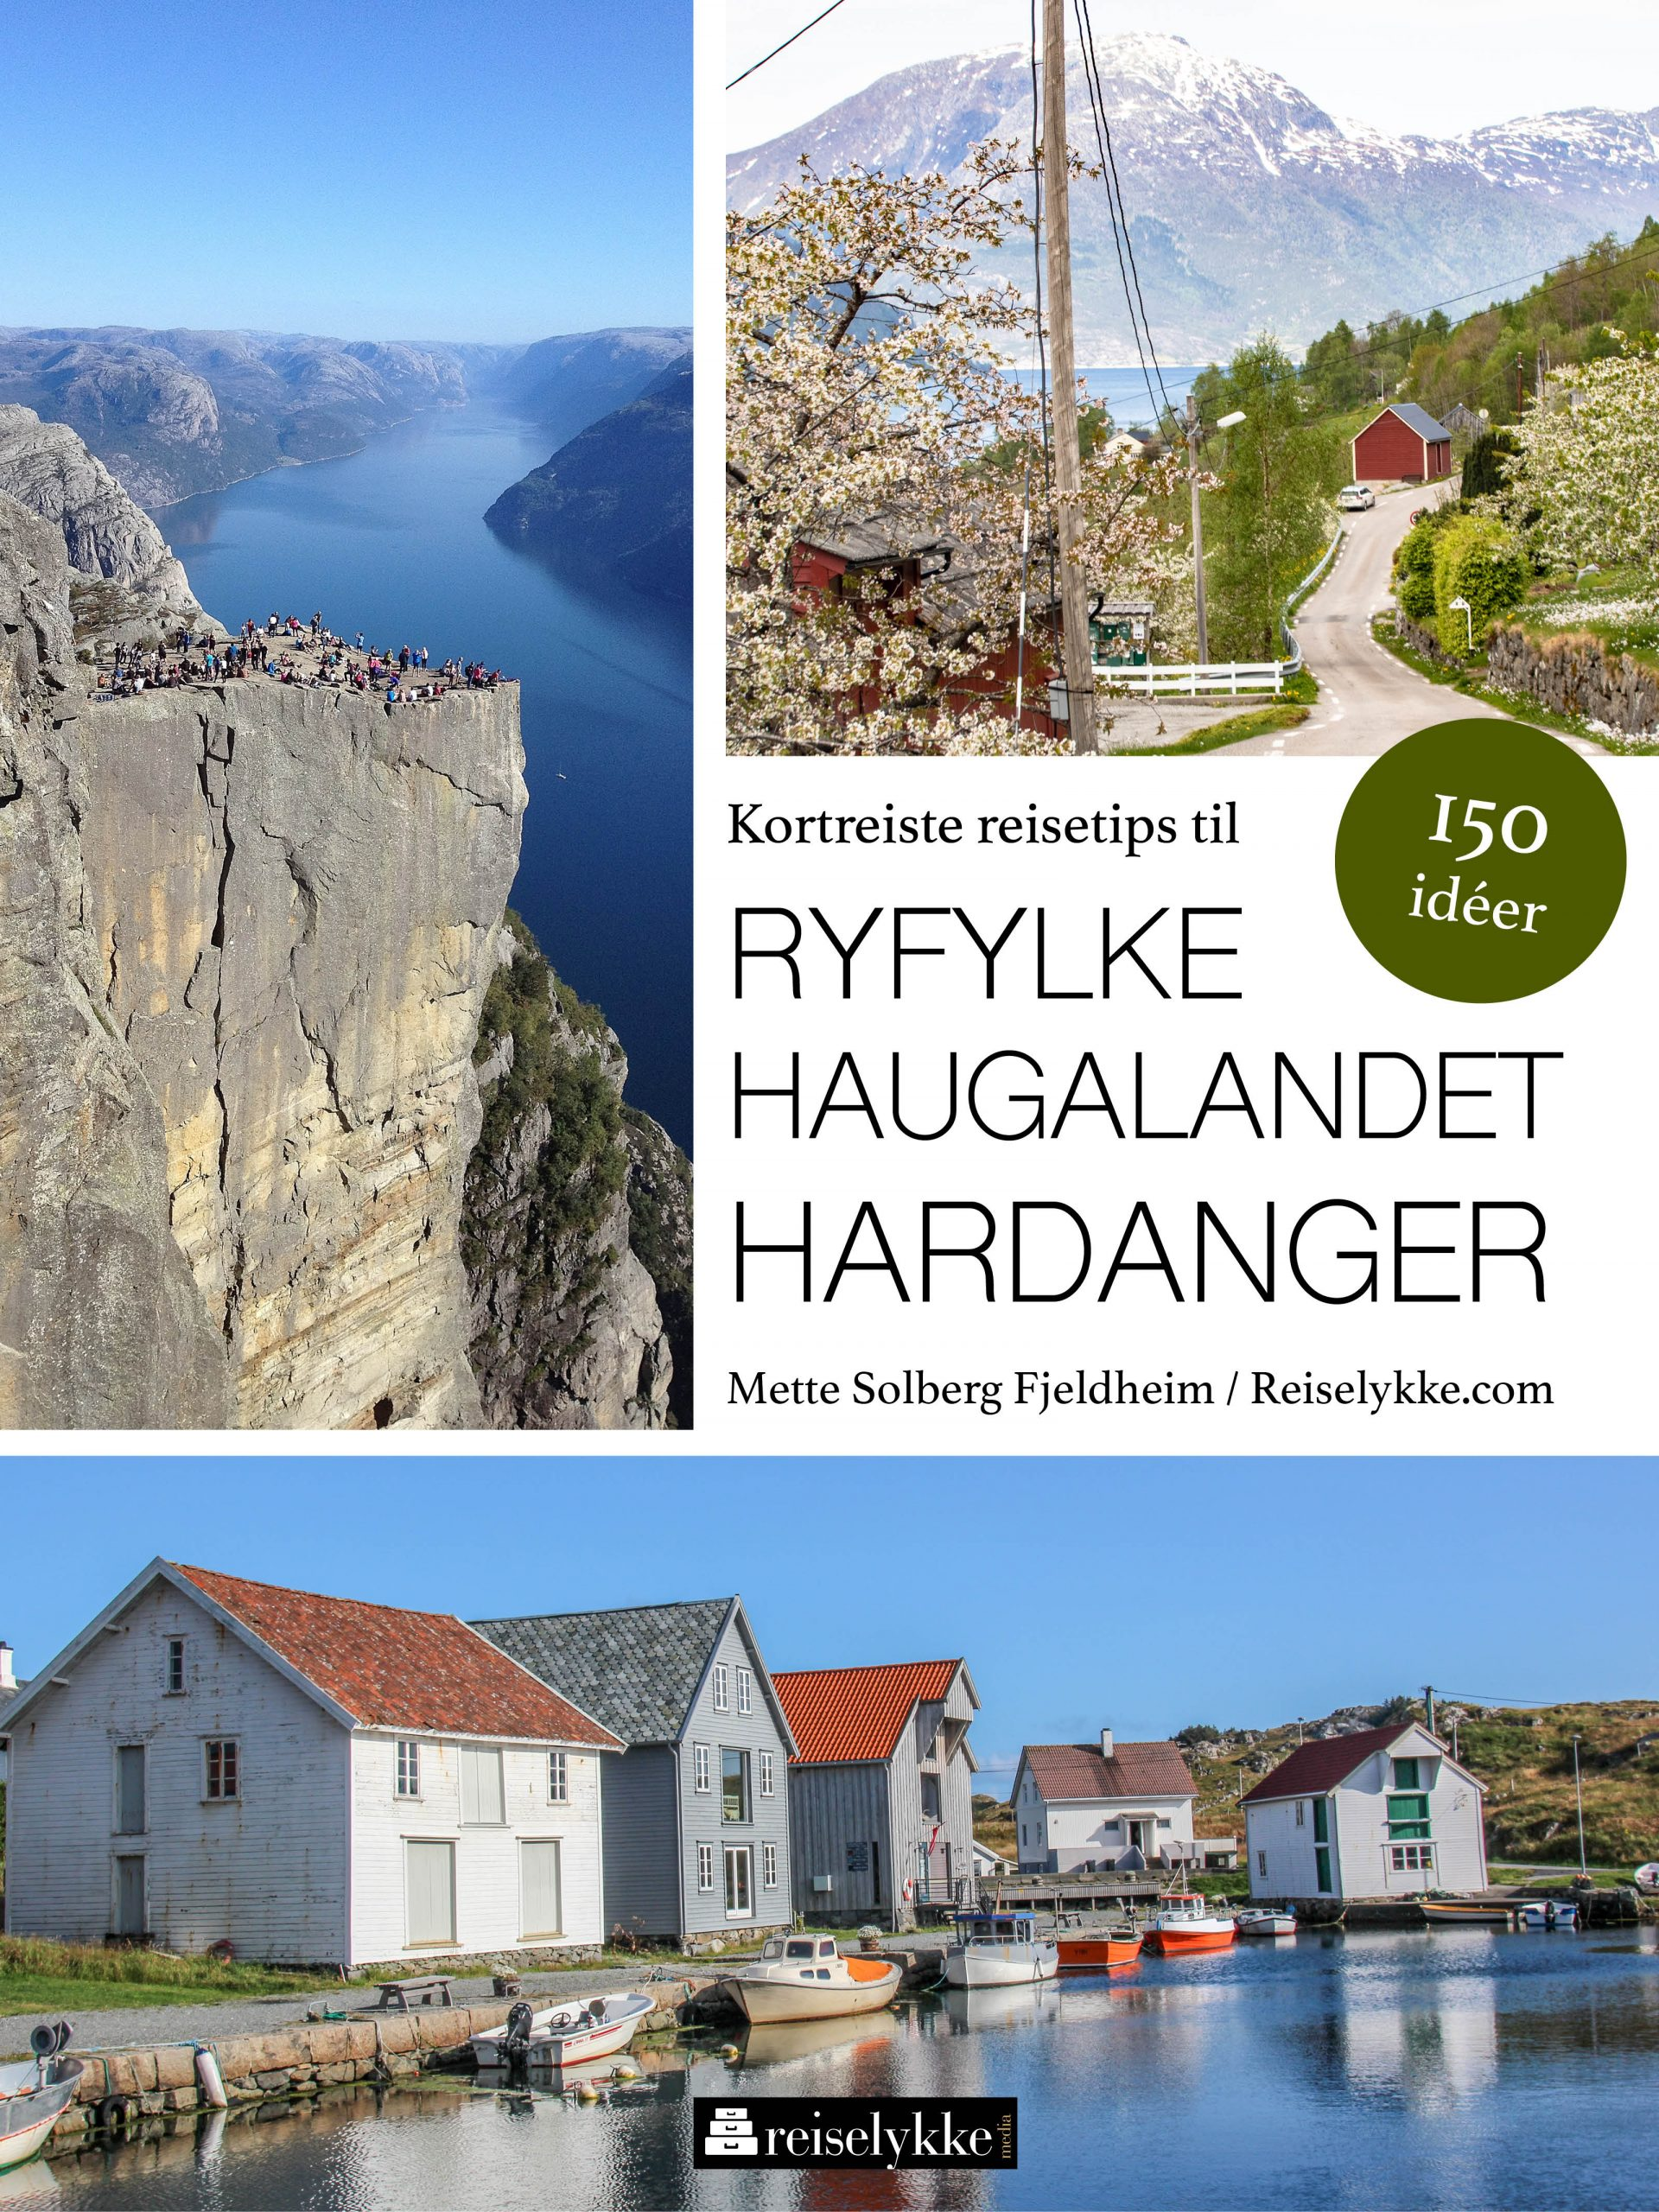 Kortreiste reisetips til Ryfylke, Haugalandet og Hardanger